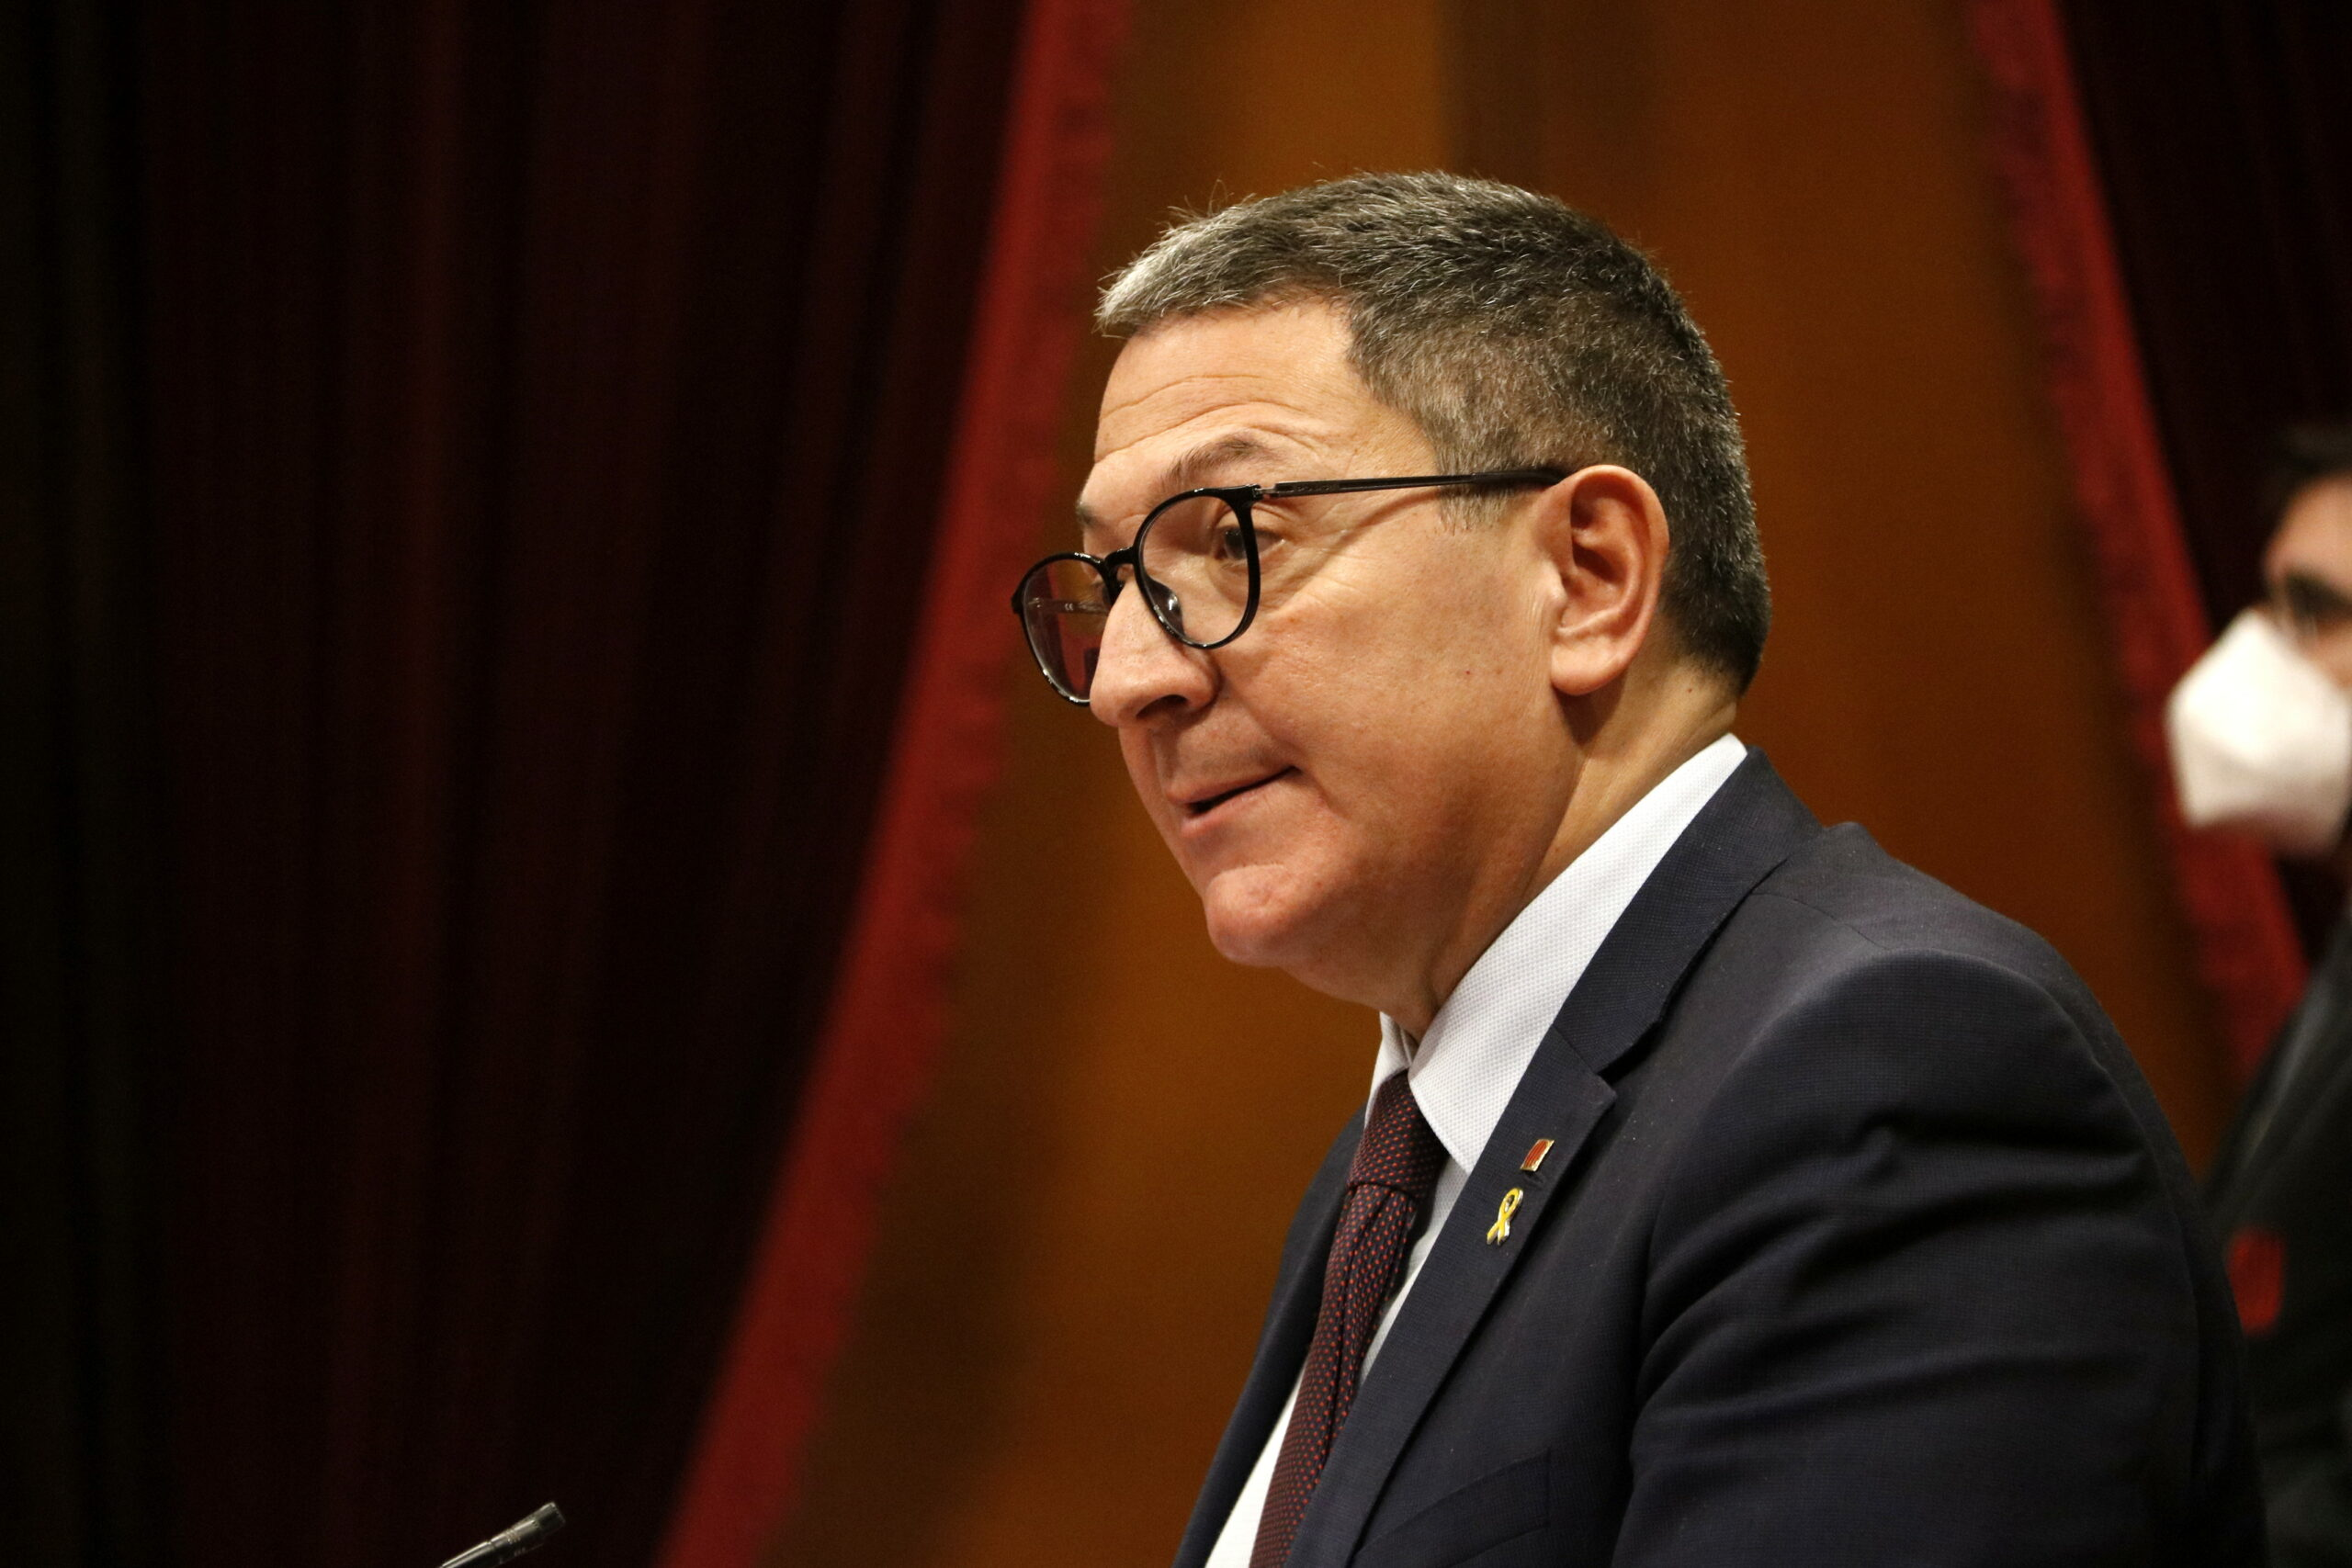 El conseller d'Interior, Miquel Sàmper, en una intervenció a la reunió de la Diputació Permanent del Parlament | ACN